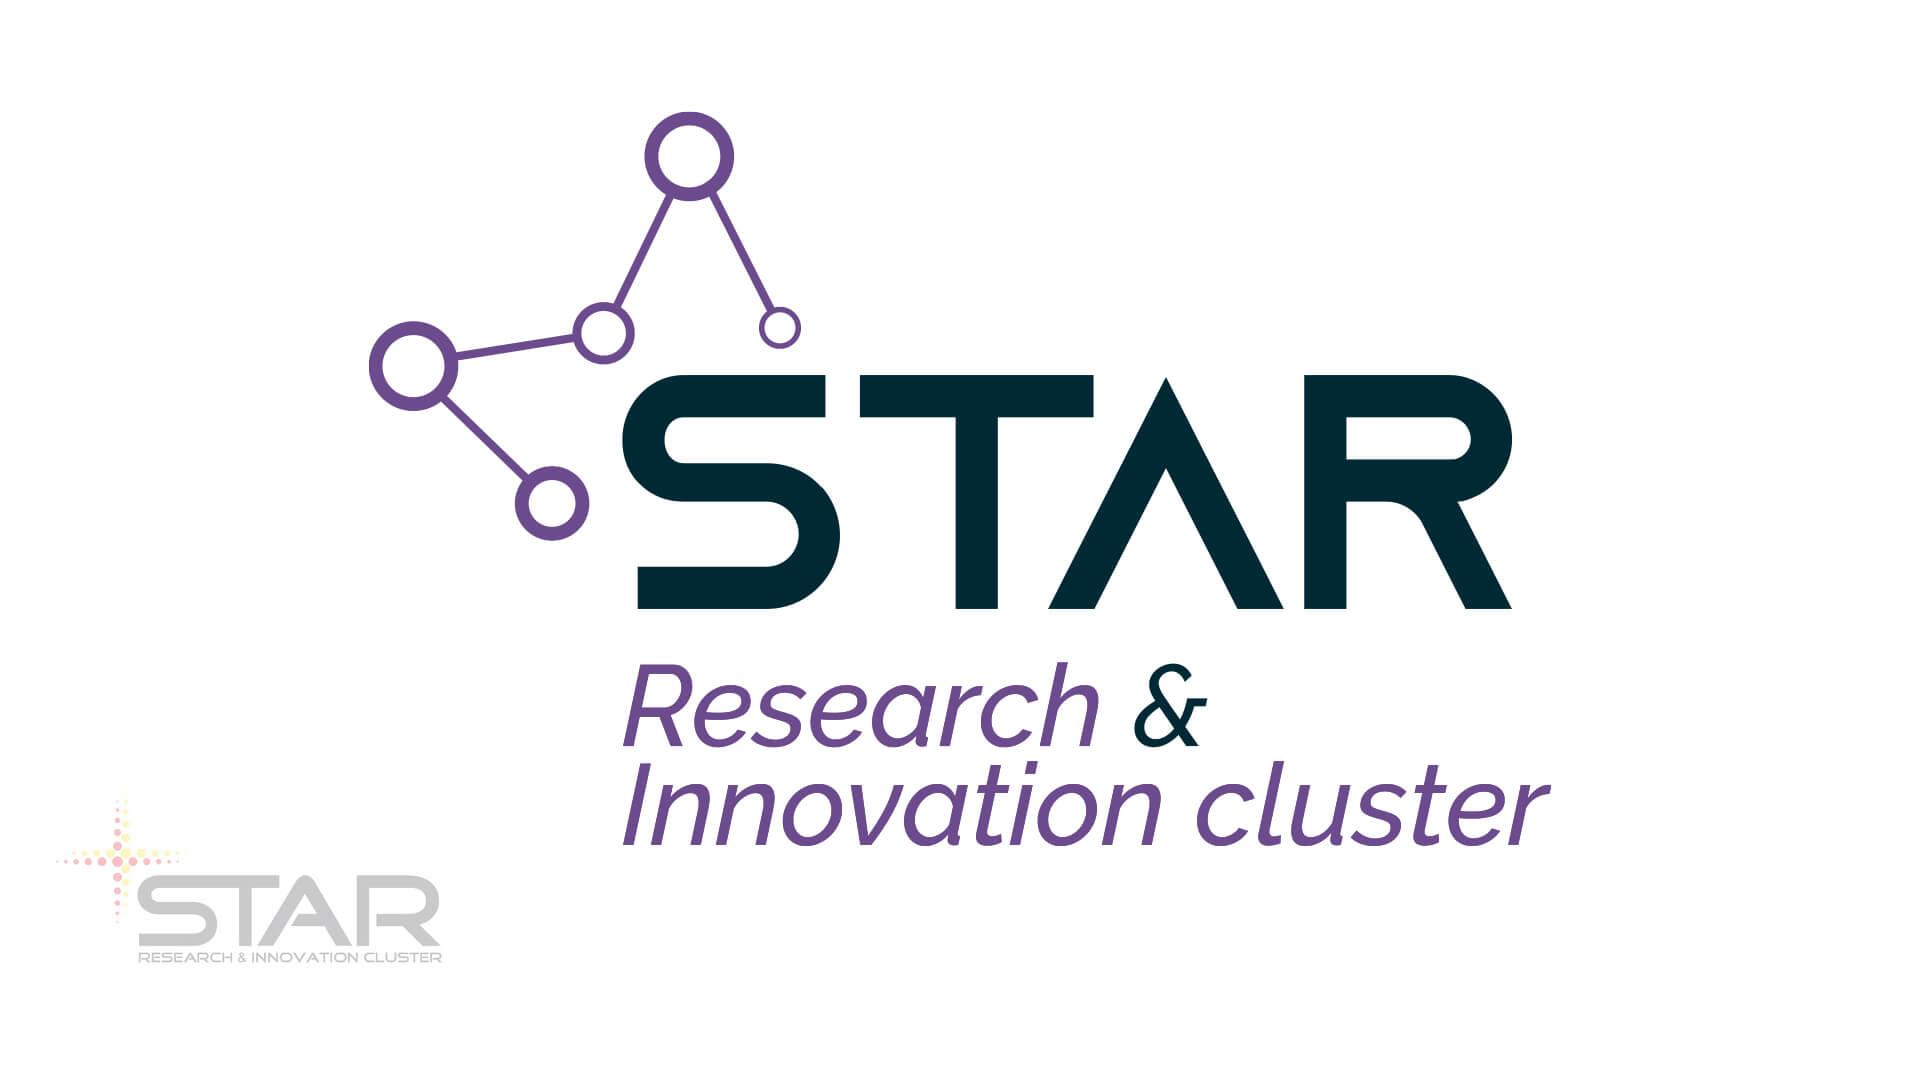 Redizajn loga a tvorba vizuálnej identity značky pre vedecko technologický cluster